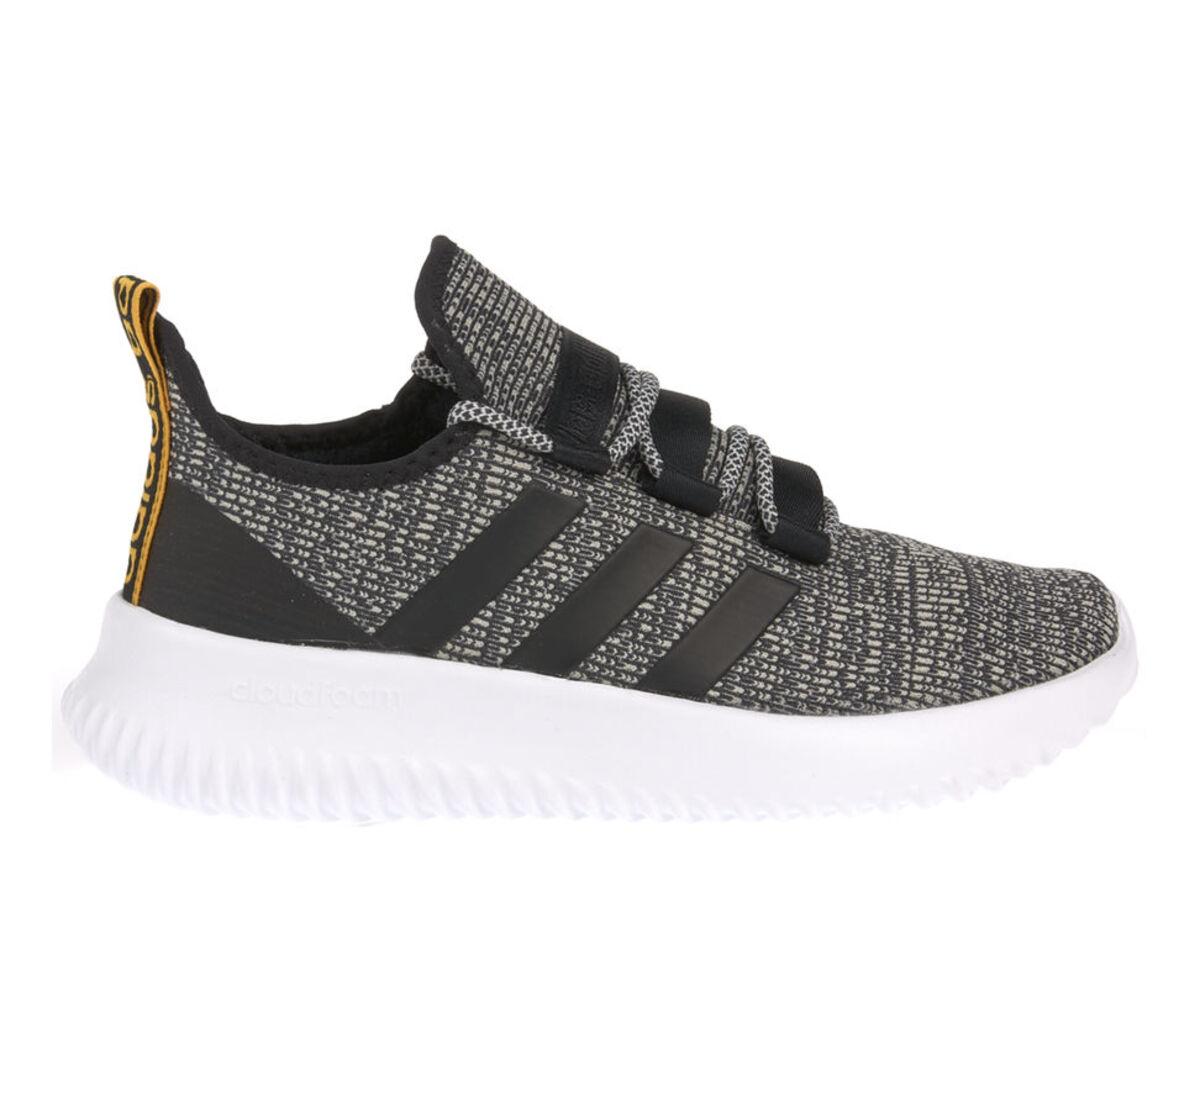 Bild 3 von Adidas Sneaker - KAPTIR (Gr. 36-39)